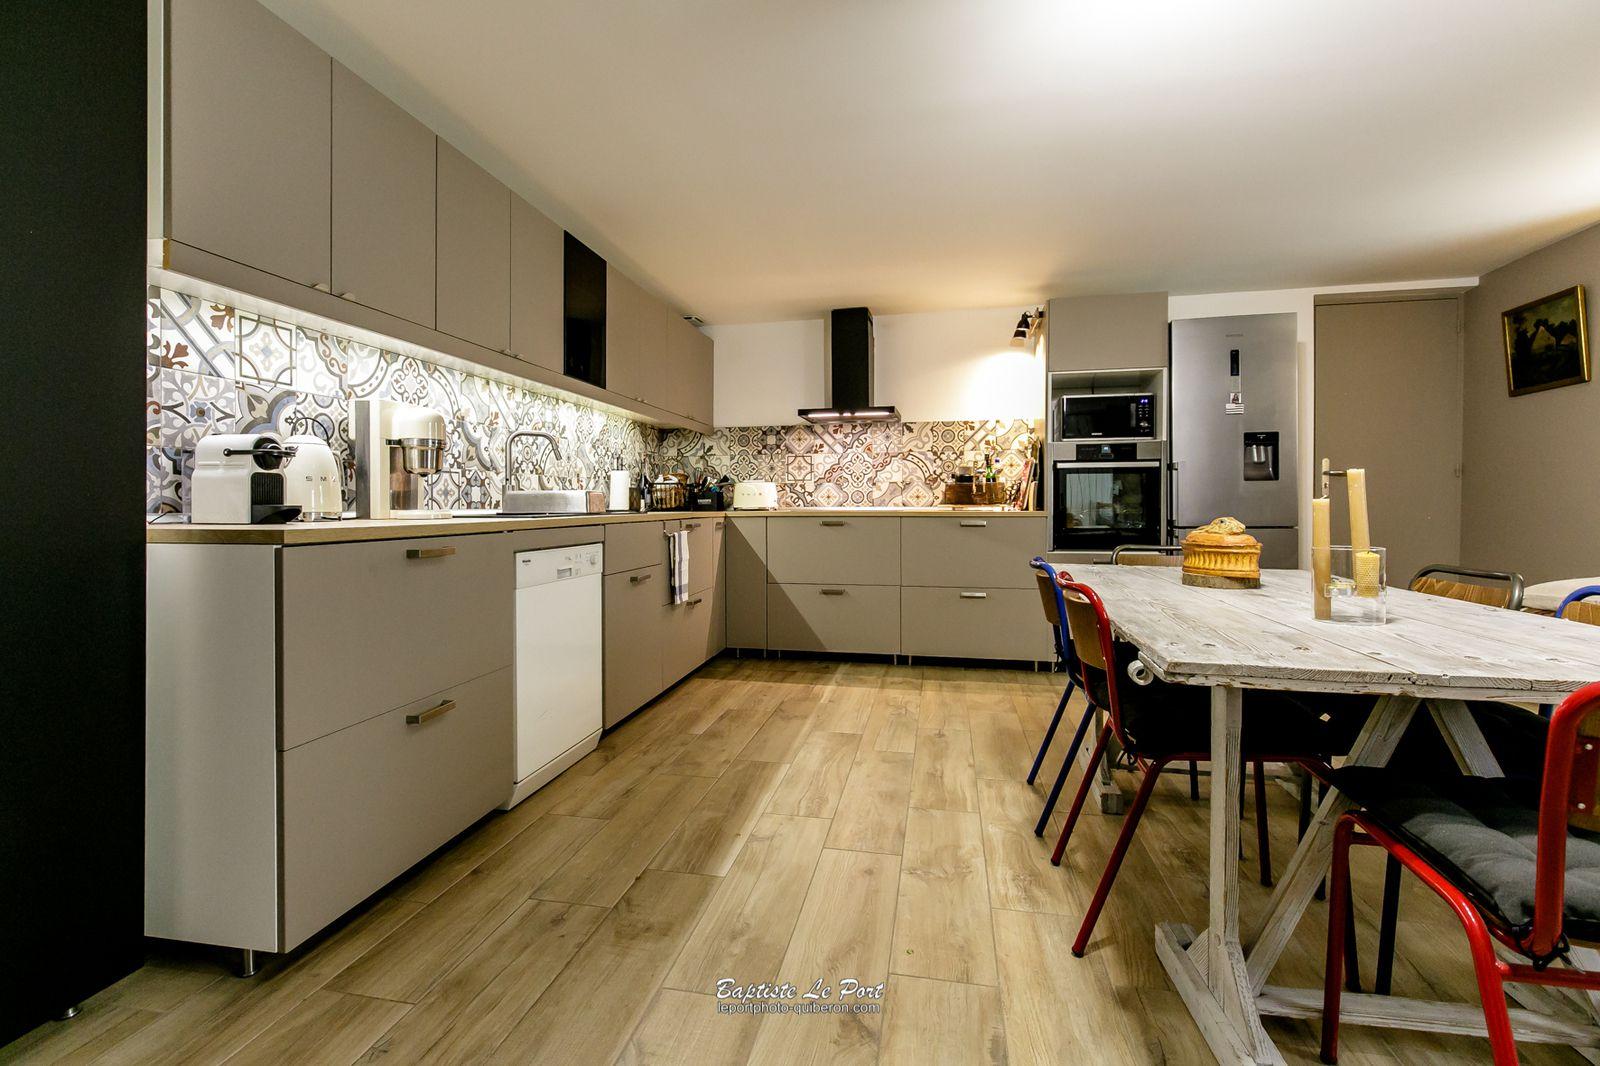 6 octobre - reportage immobilier à Plouharnel